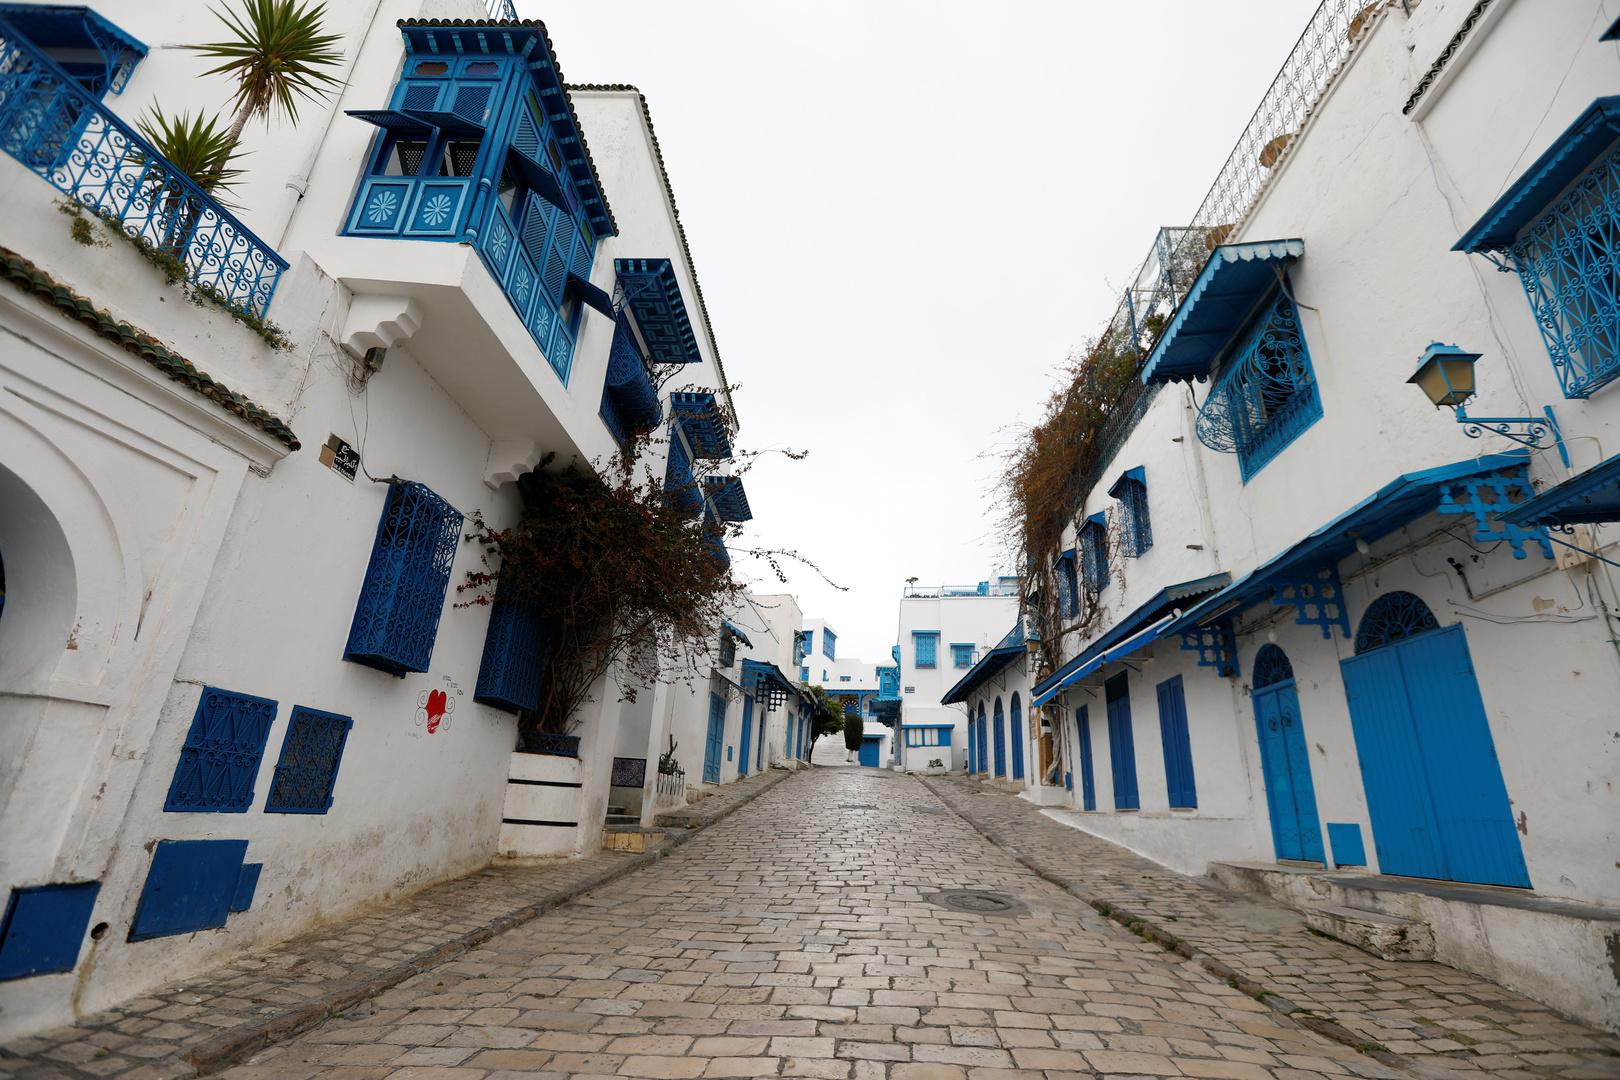 تونس تسجل حصيلة قياسية للإصابات اليومية بفيروس كورونا